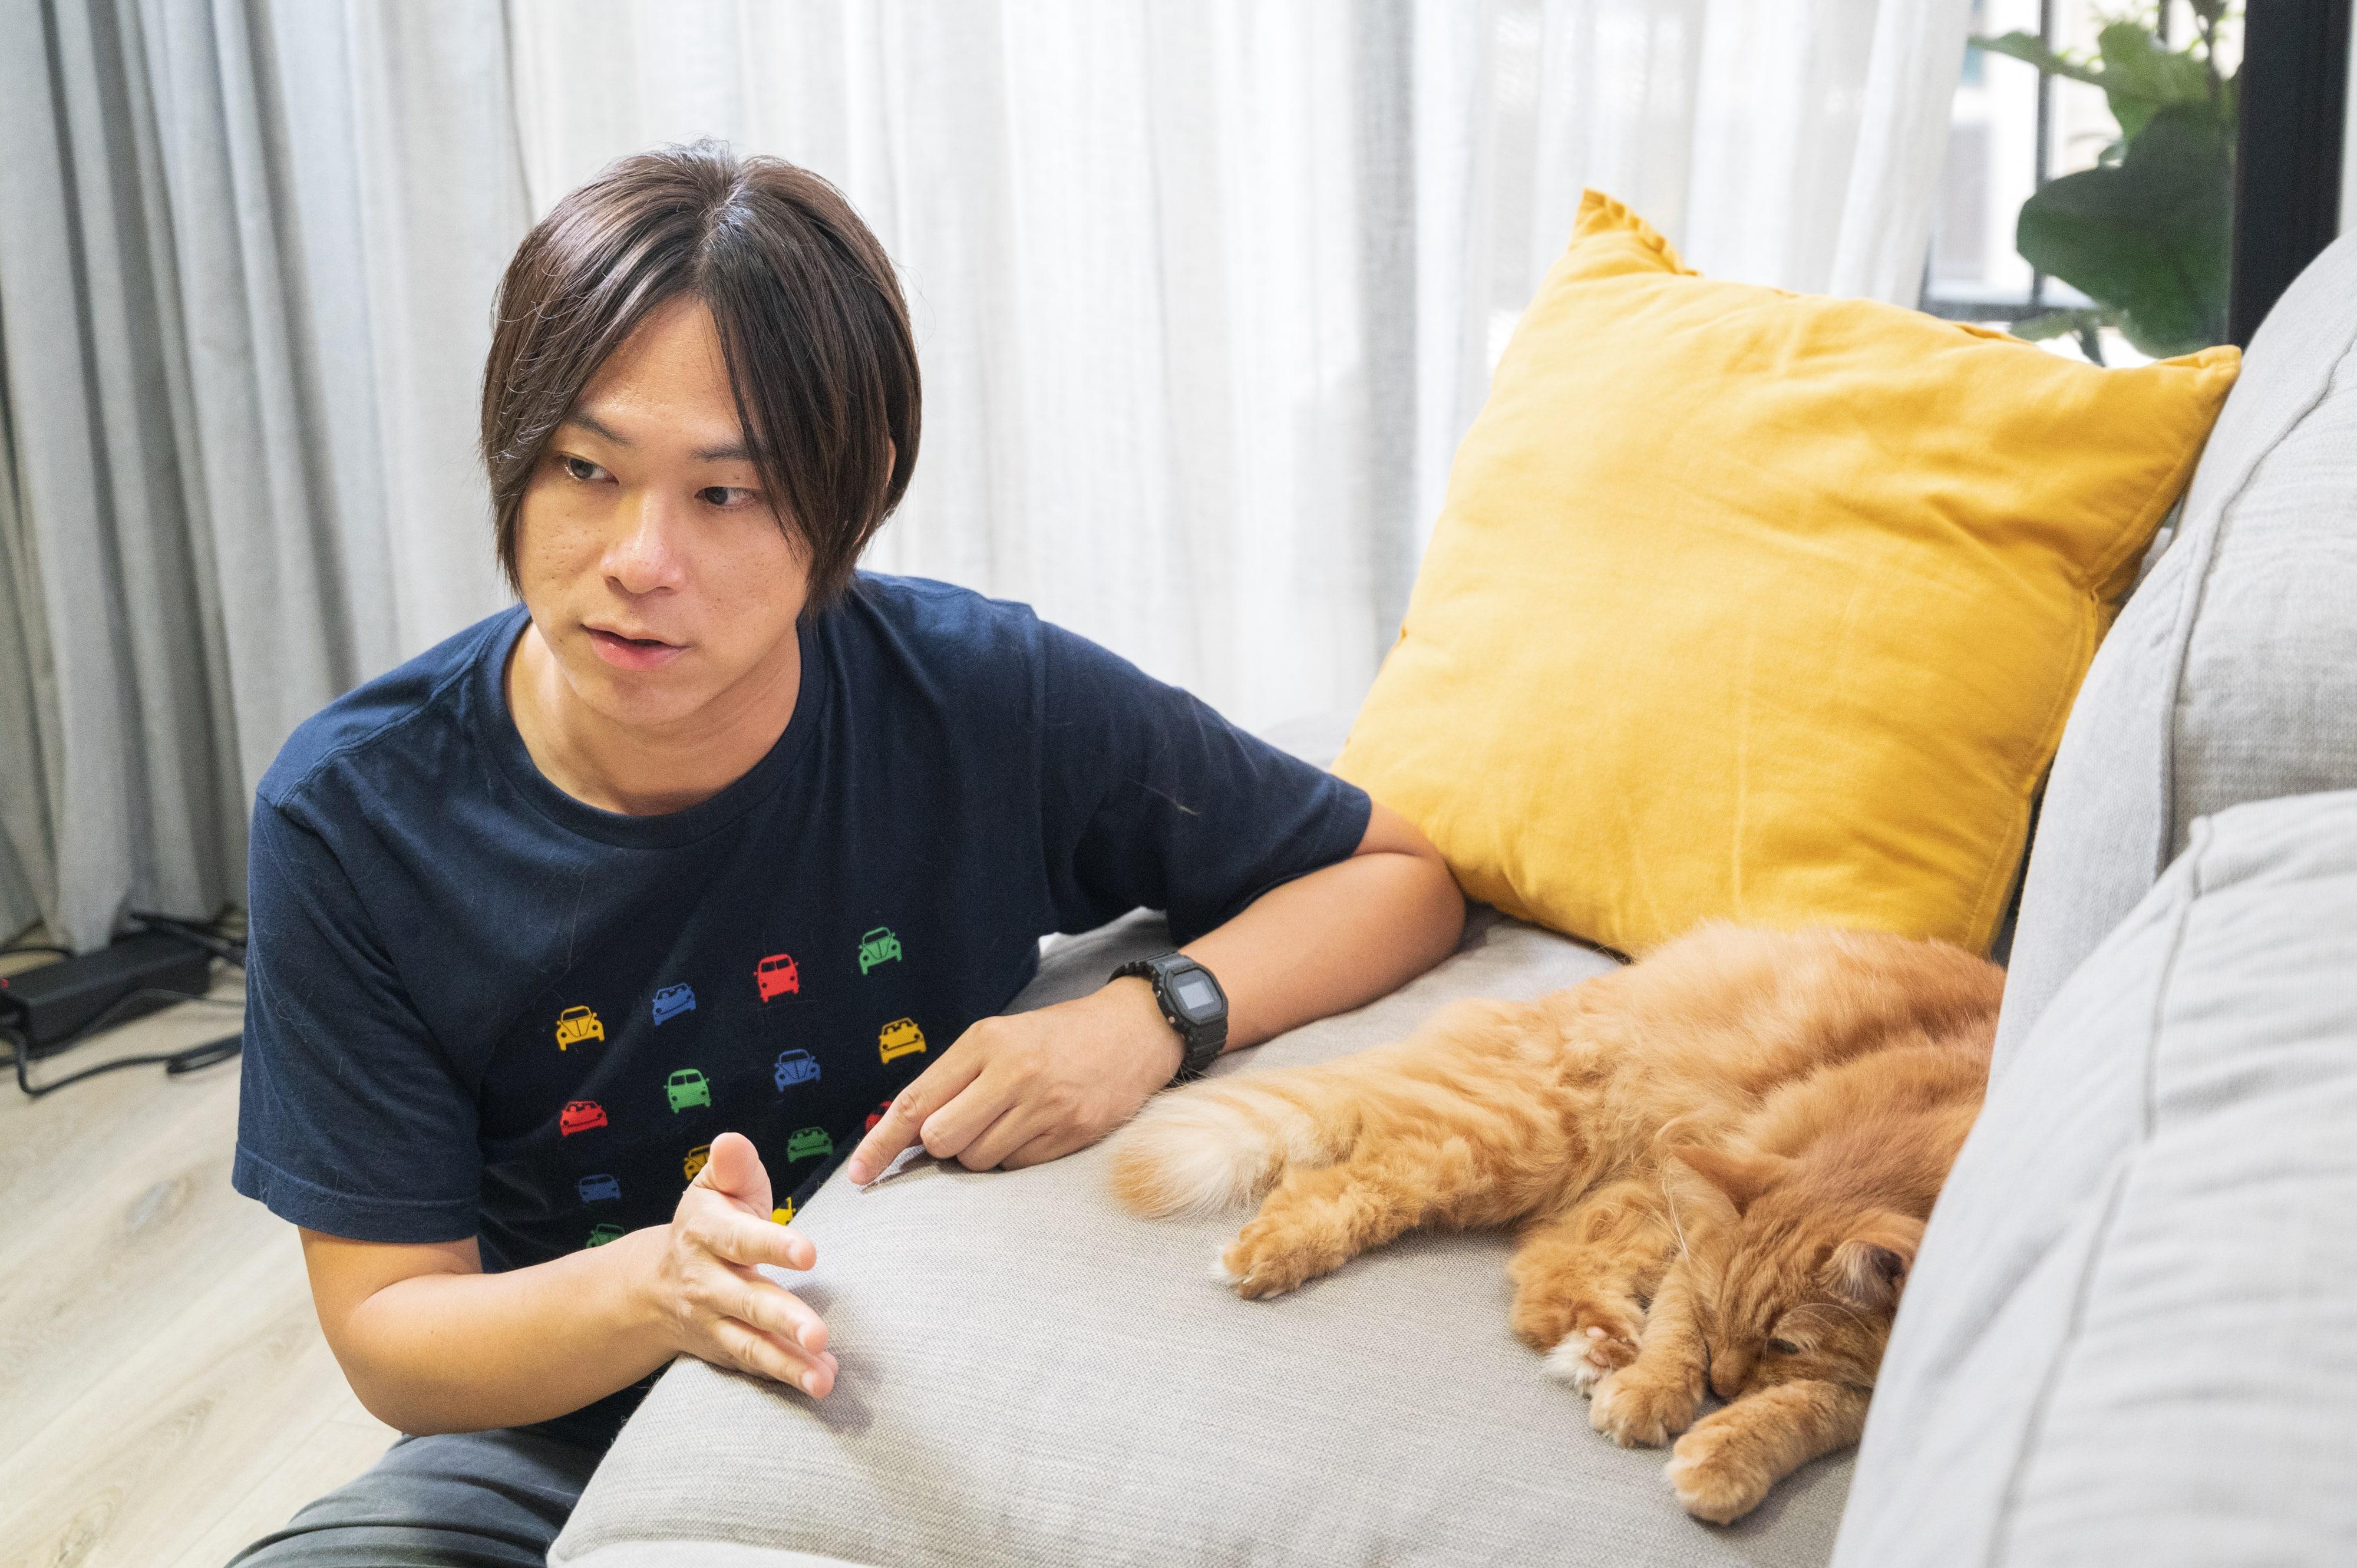 林醫師強調,面對貓的種種問題,應該是「量力而為」不是「盡力而為」